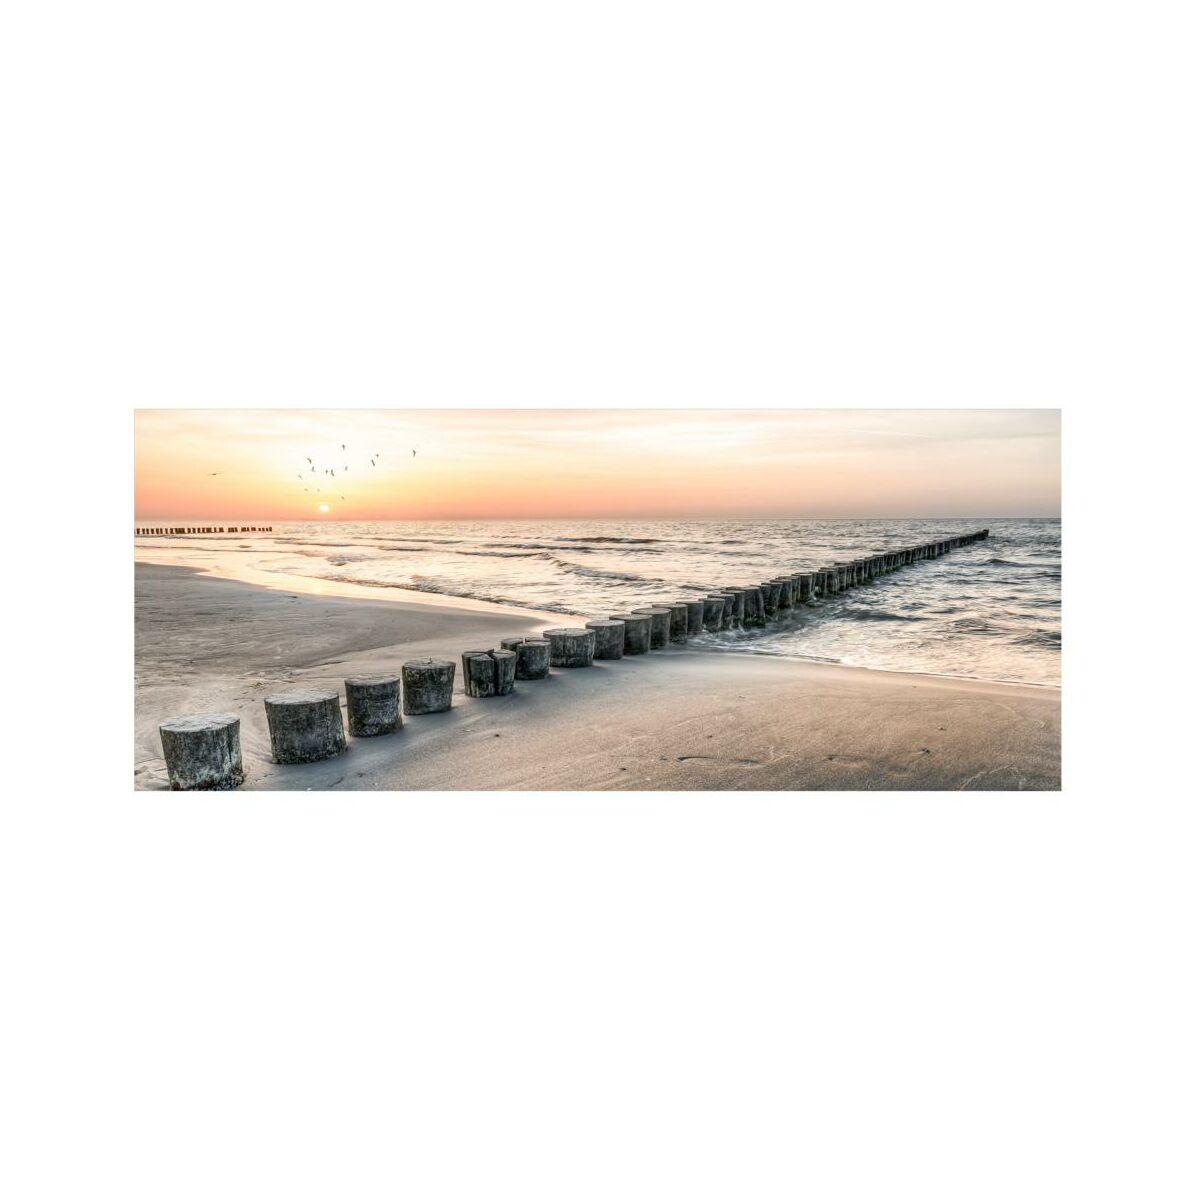 Obraz Na Szkle Jetty 125 X 50 Cm Obrazy Kanwy W Atrakcyjnej Cenie W Sklepach Leroy Merlin